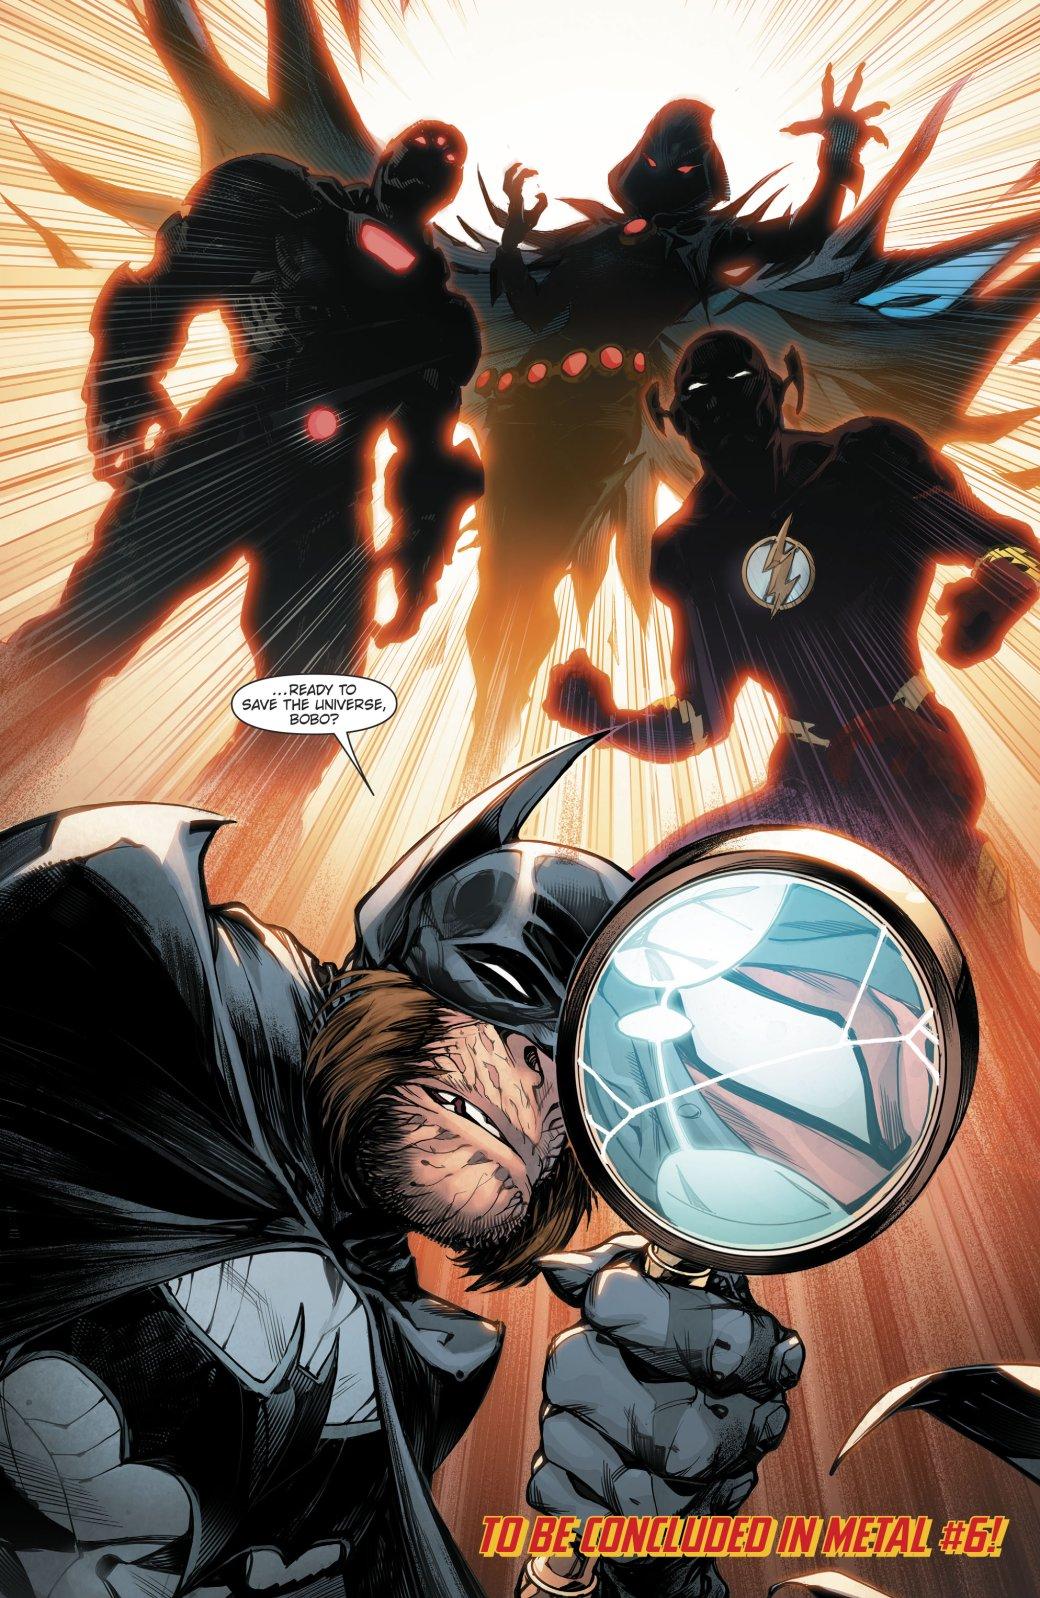 Вкомиксе Dark Nights: Metal представили 53 вселенную, иона населена разумными приматами!. - Изображение 2